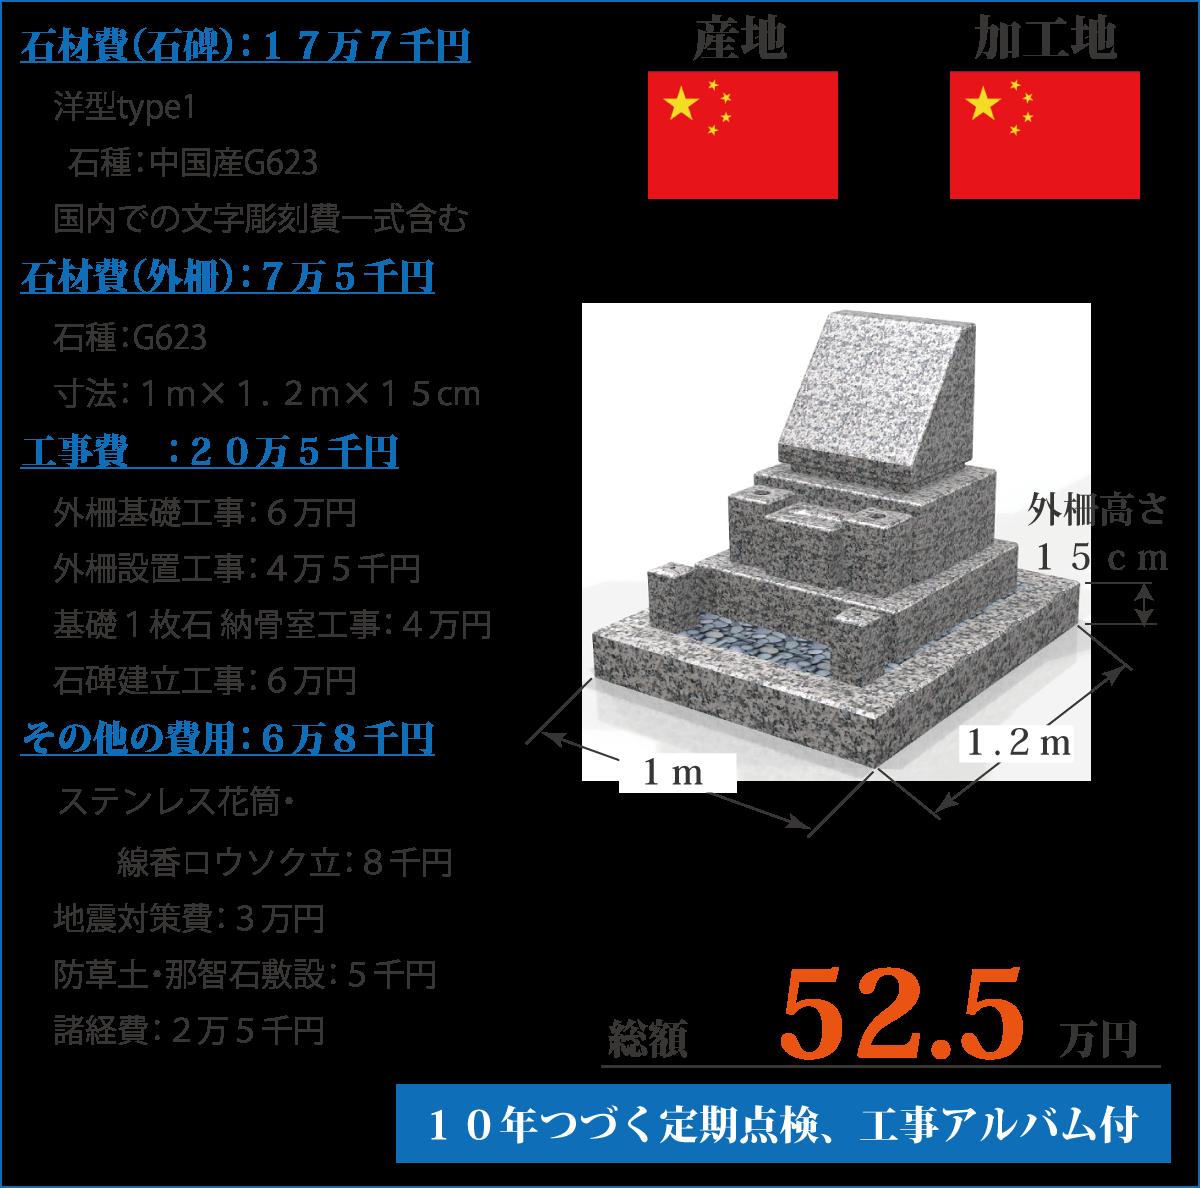 外柵セットの価格、洋型type1:中国産G623